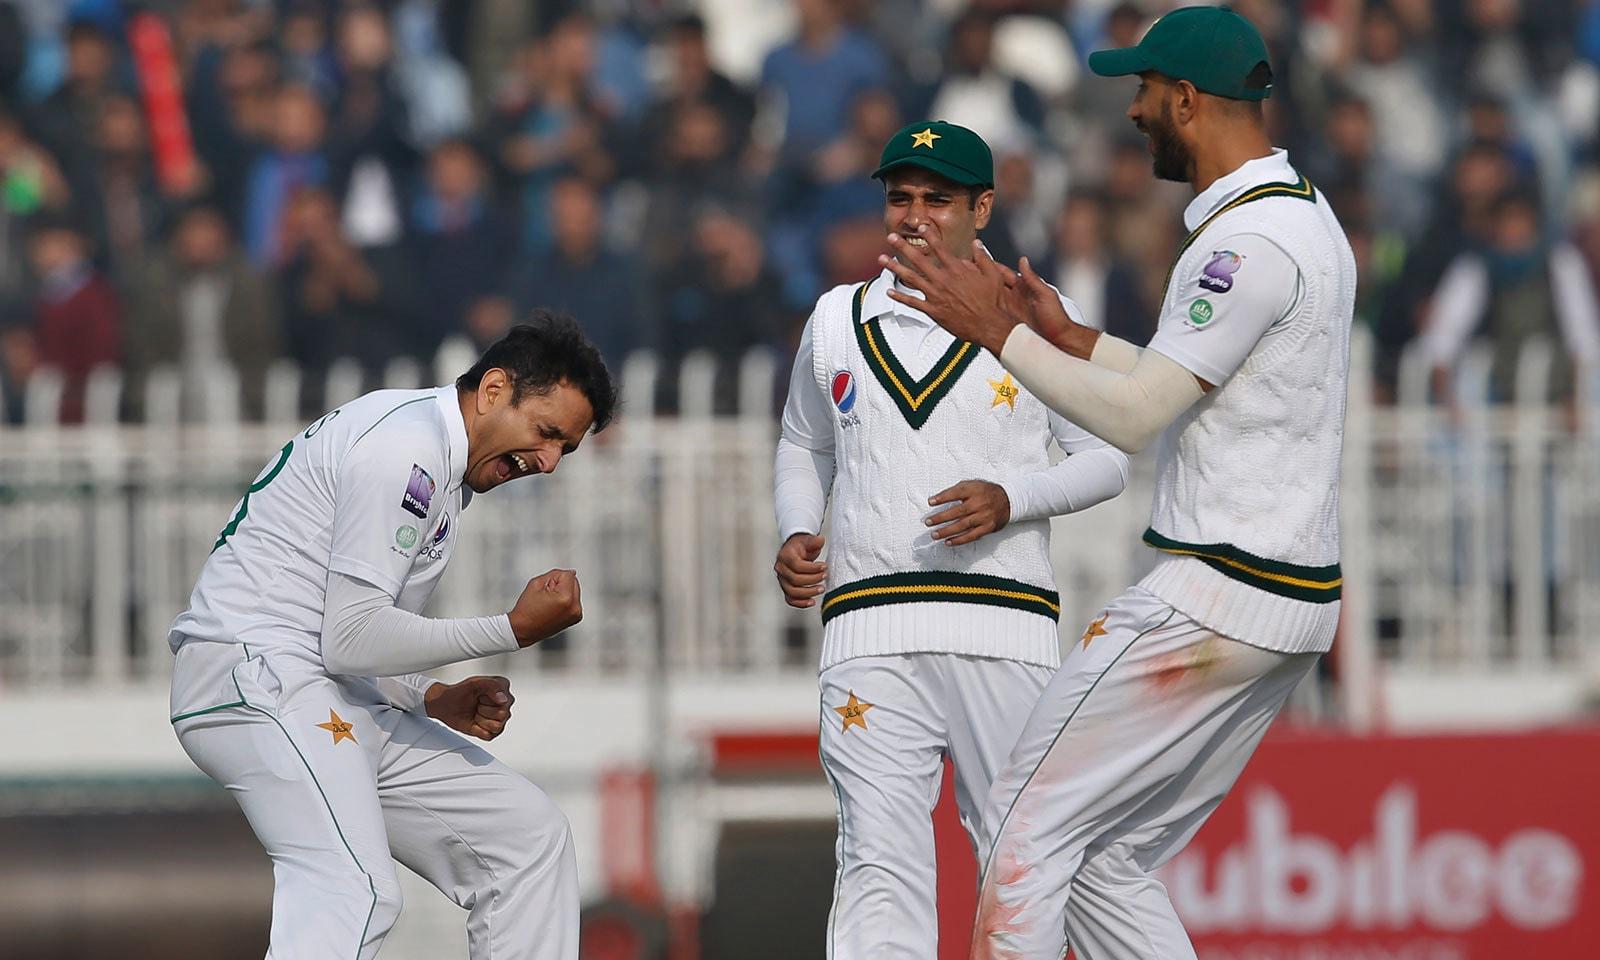 محمد عباس نے ایک شاندار آؤٹ سوئنگ گیند پر دنیش چندیمل کی اہم وکٹ حاصل کی— فوٹو: اے پی